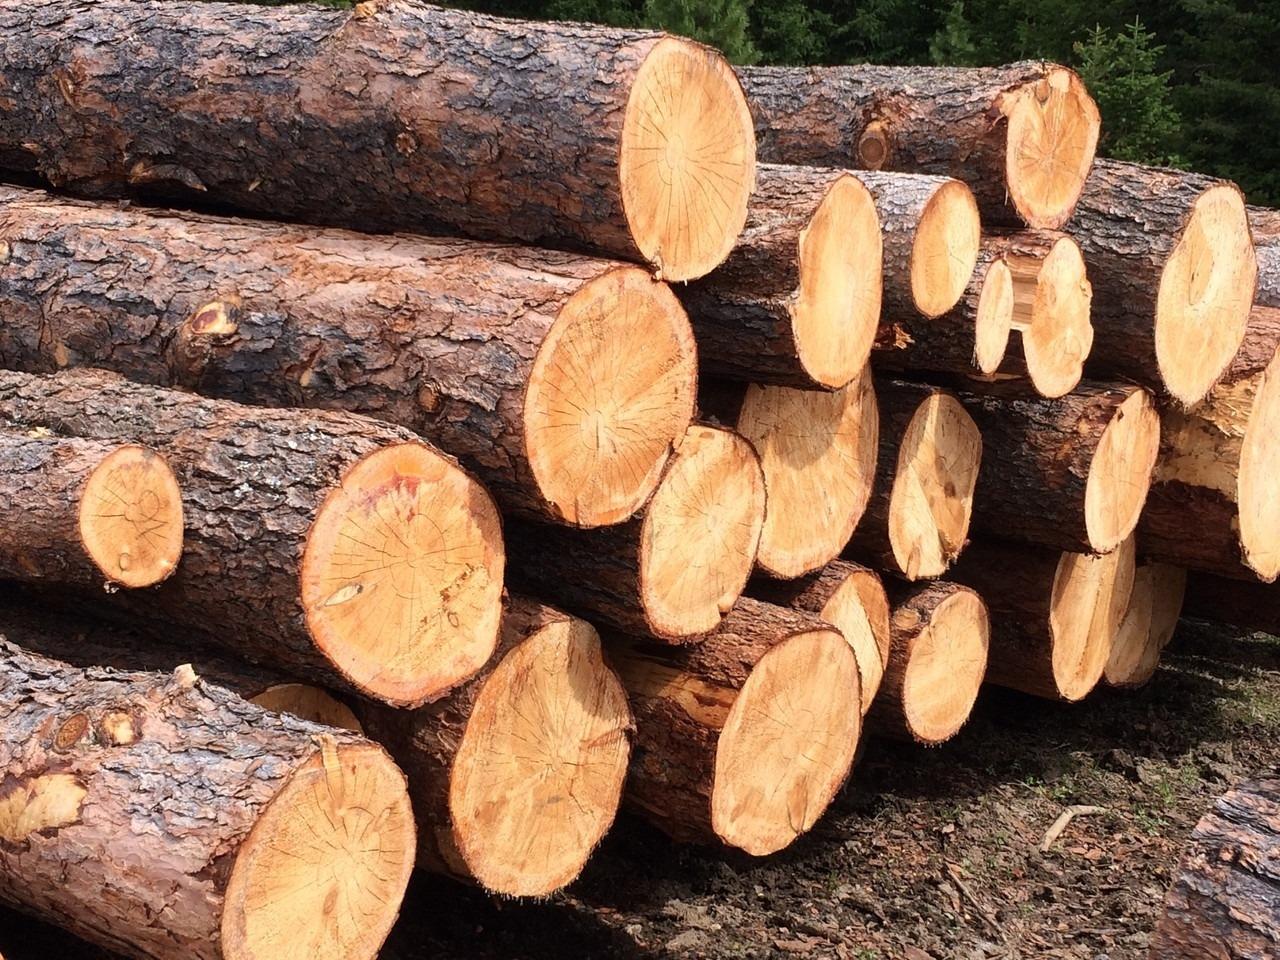 В Подмосковье проходят рейды по выявлению фактов незаконной перевозки древесины